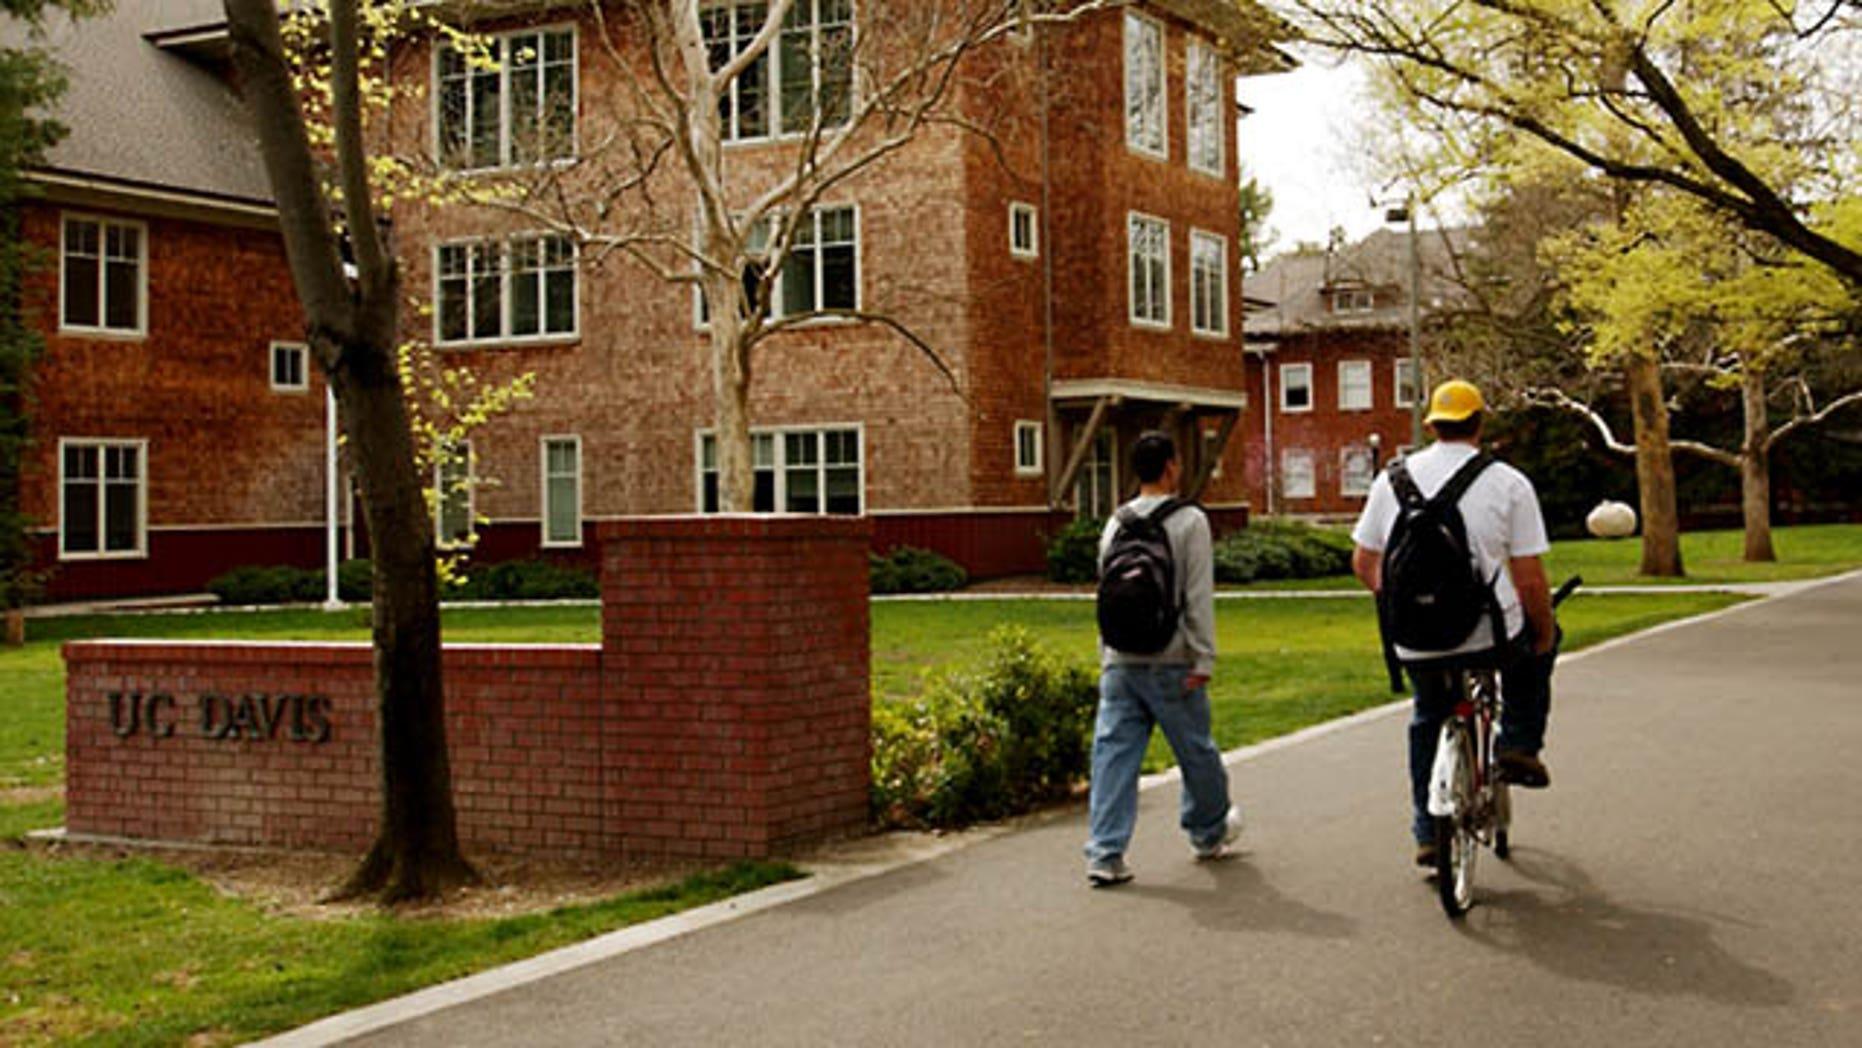 Campus of Universtity of California at Davis